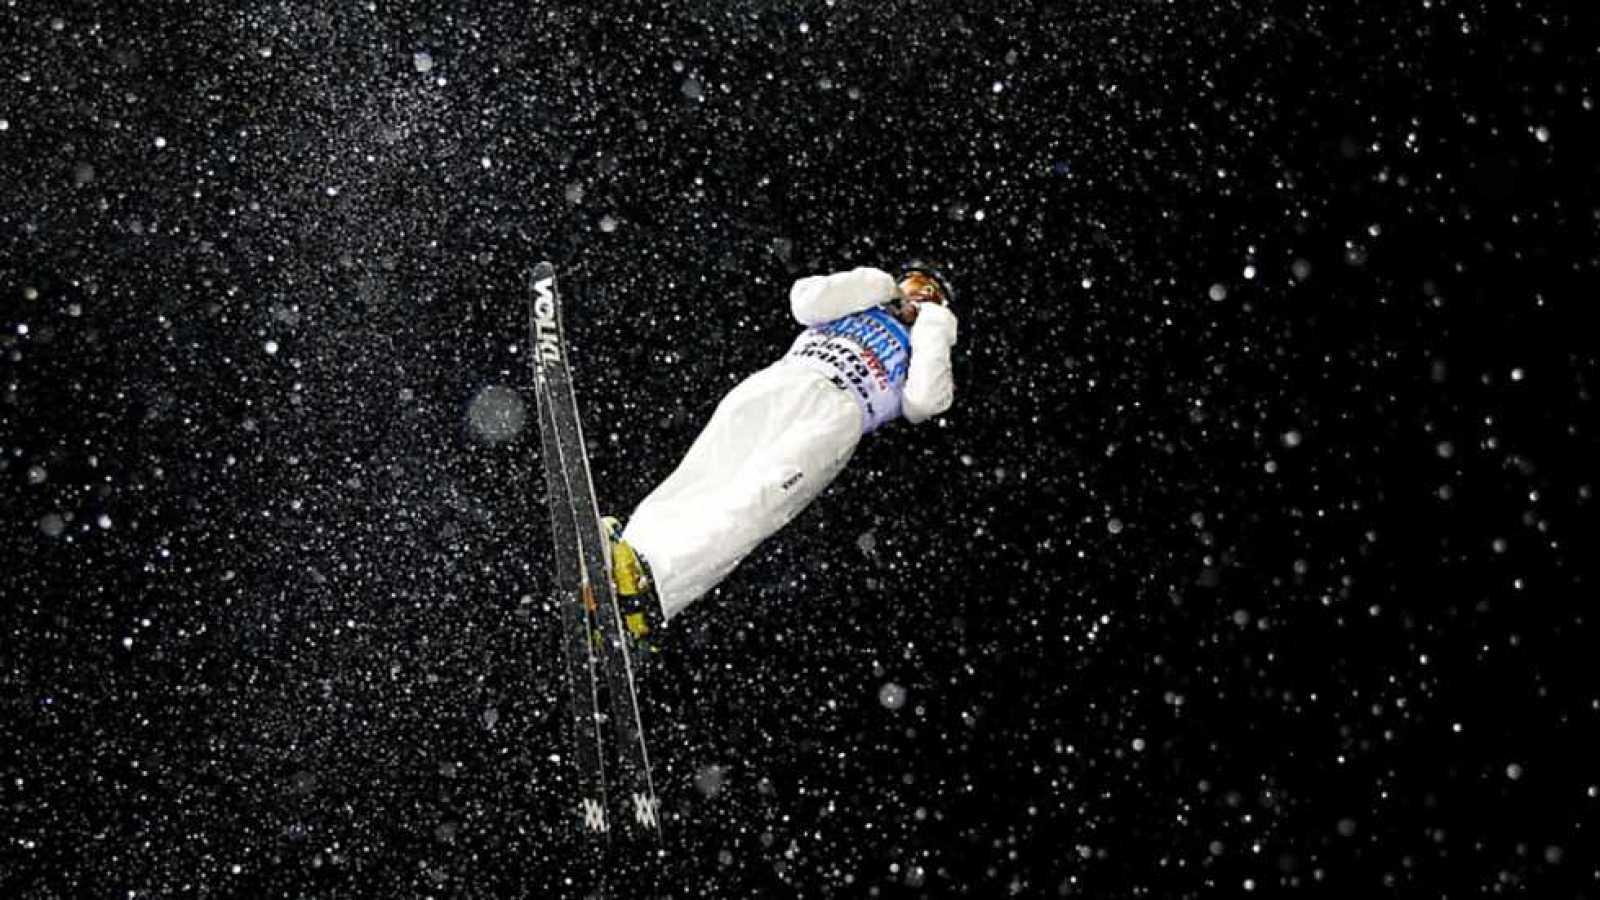 Campeonato del Mundo Snowboard y Freestyle - Freestyle Aerials. Finales - ver ahora